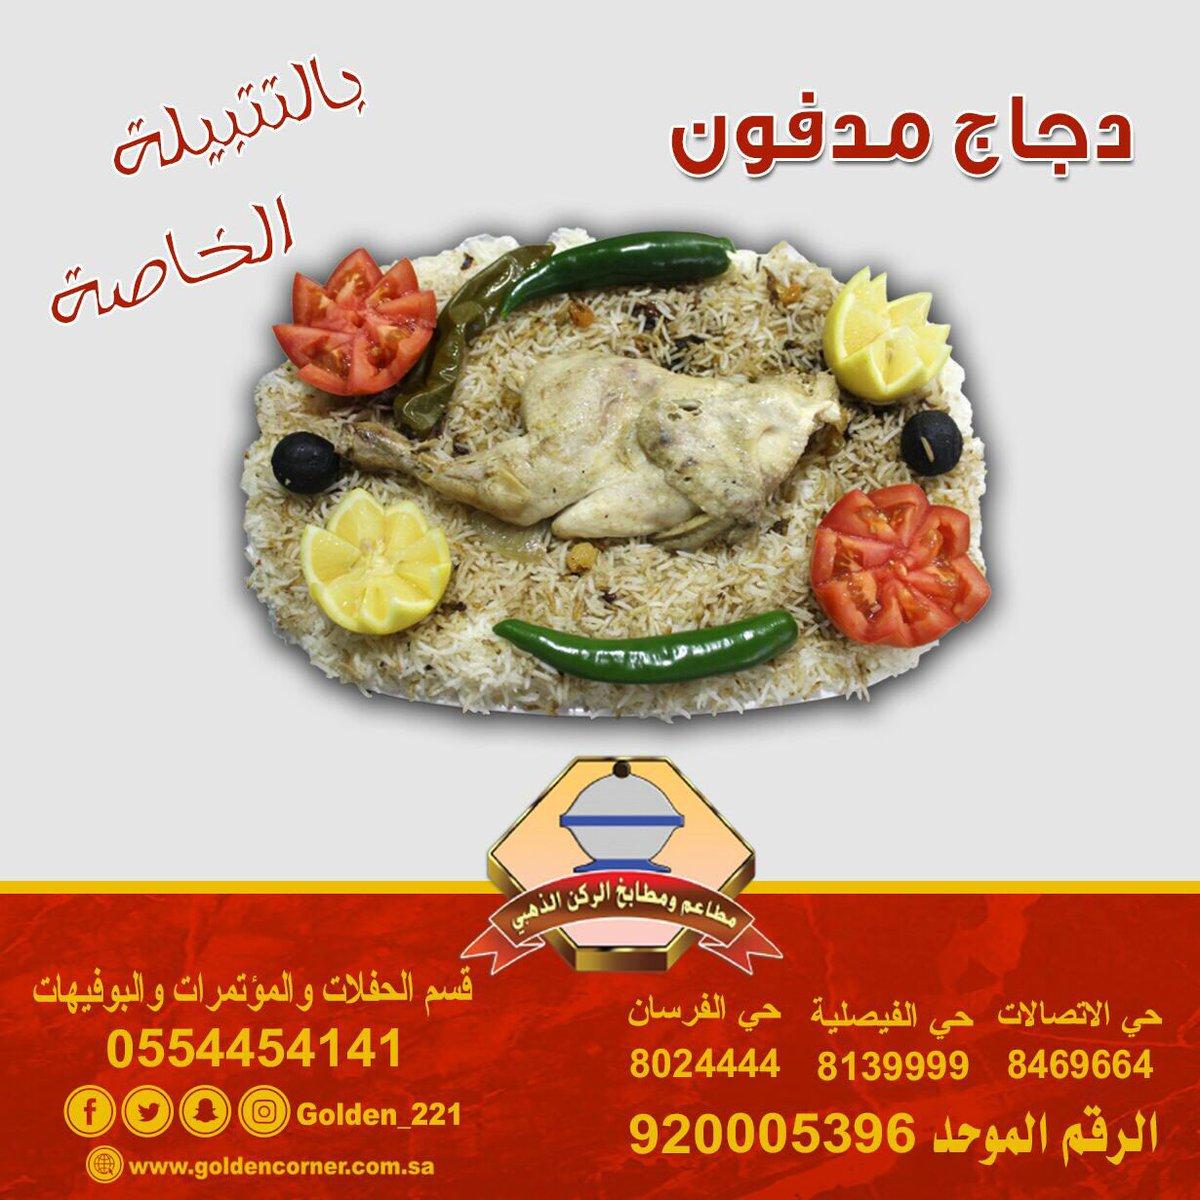 مطاعم الركن الذهبي Twitterissa دجاج مدفون على كيف كيفك السعودية الدمام الخبر مطاعم الركن الذهبي الذهبي على كيف كيفك الرقم الموحد 920005396 Https T Co 3xtp7dnstb